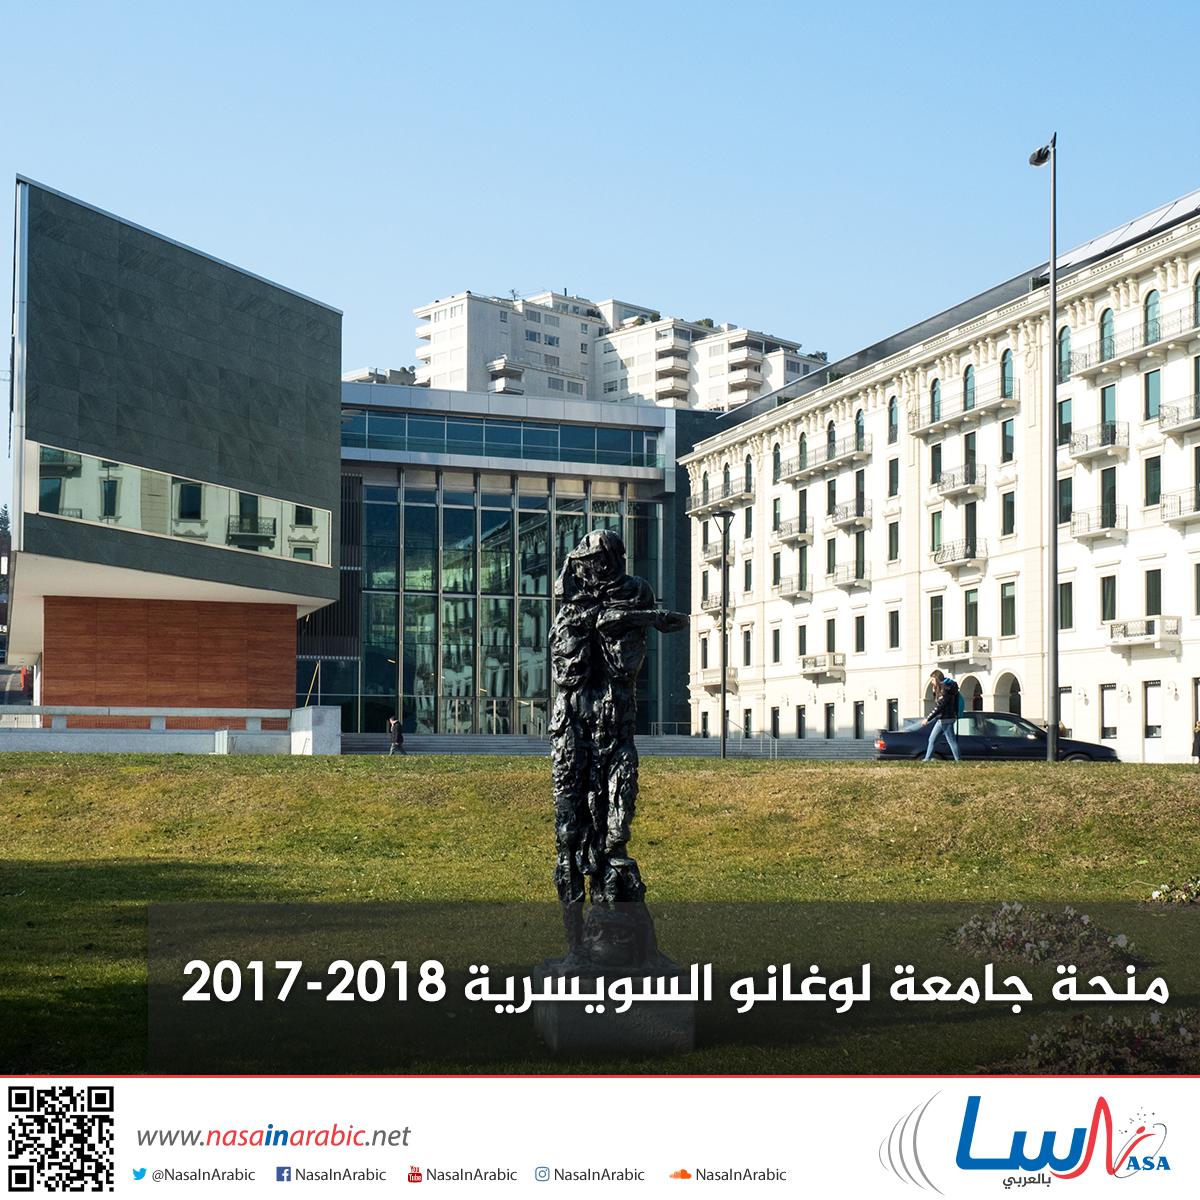 منحة جامعة لوغانو السويسرية 2017-2018